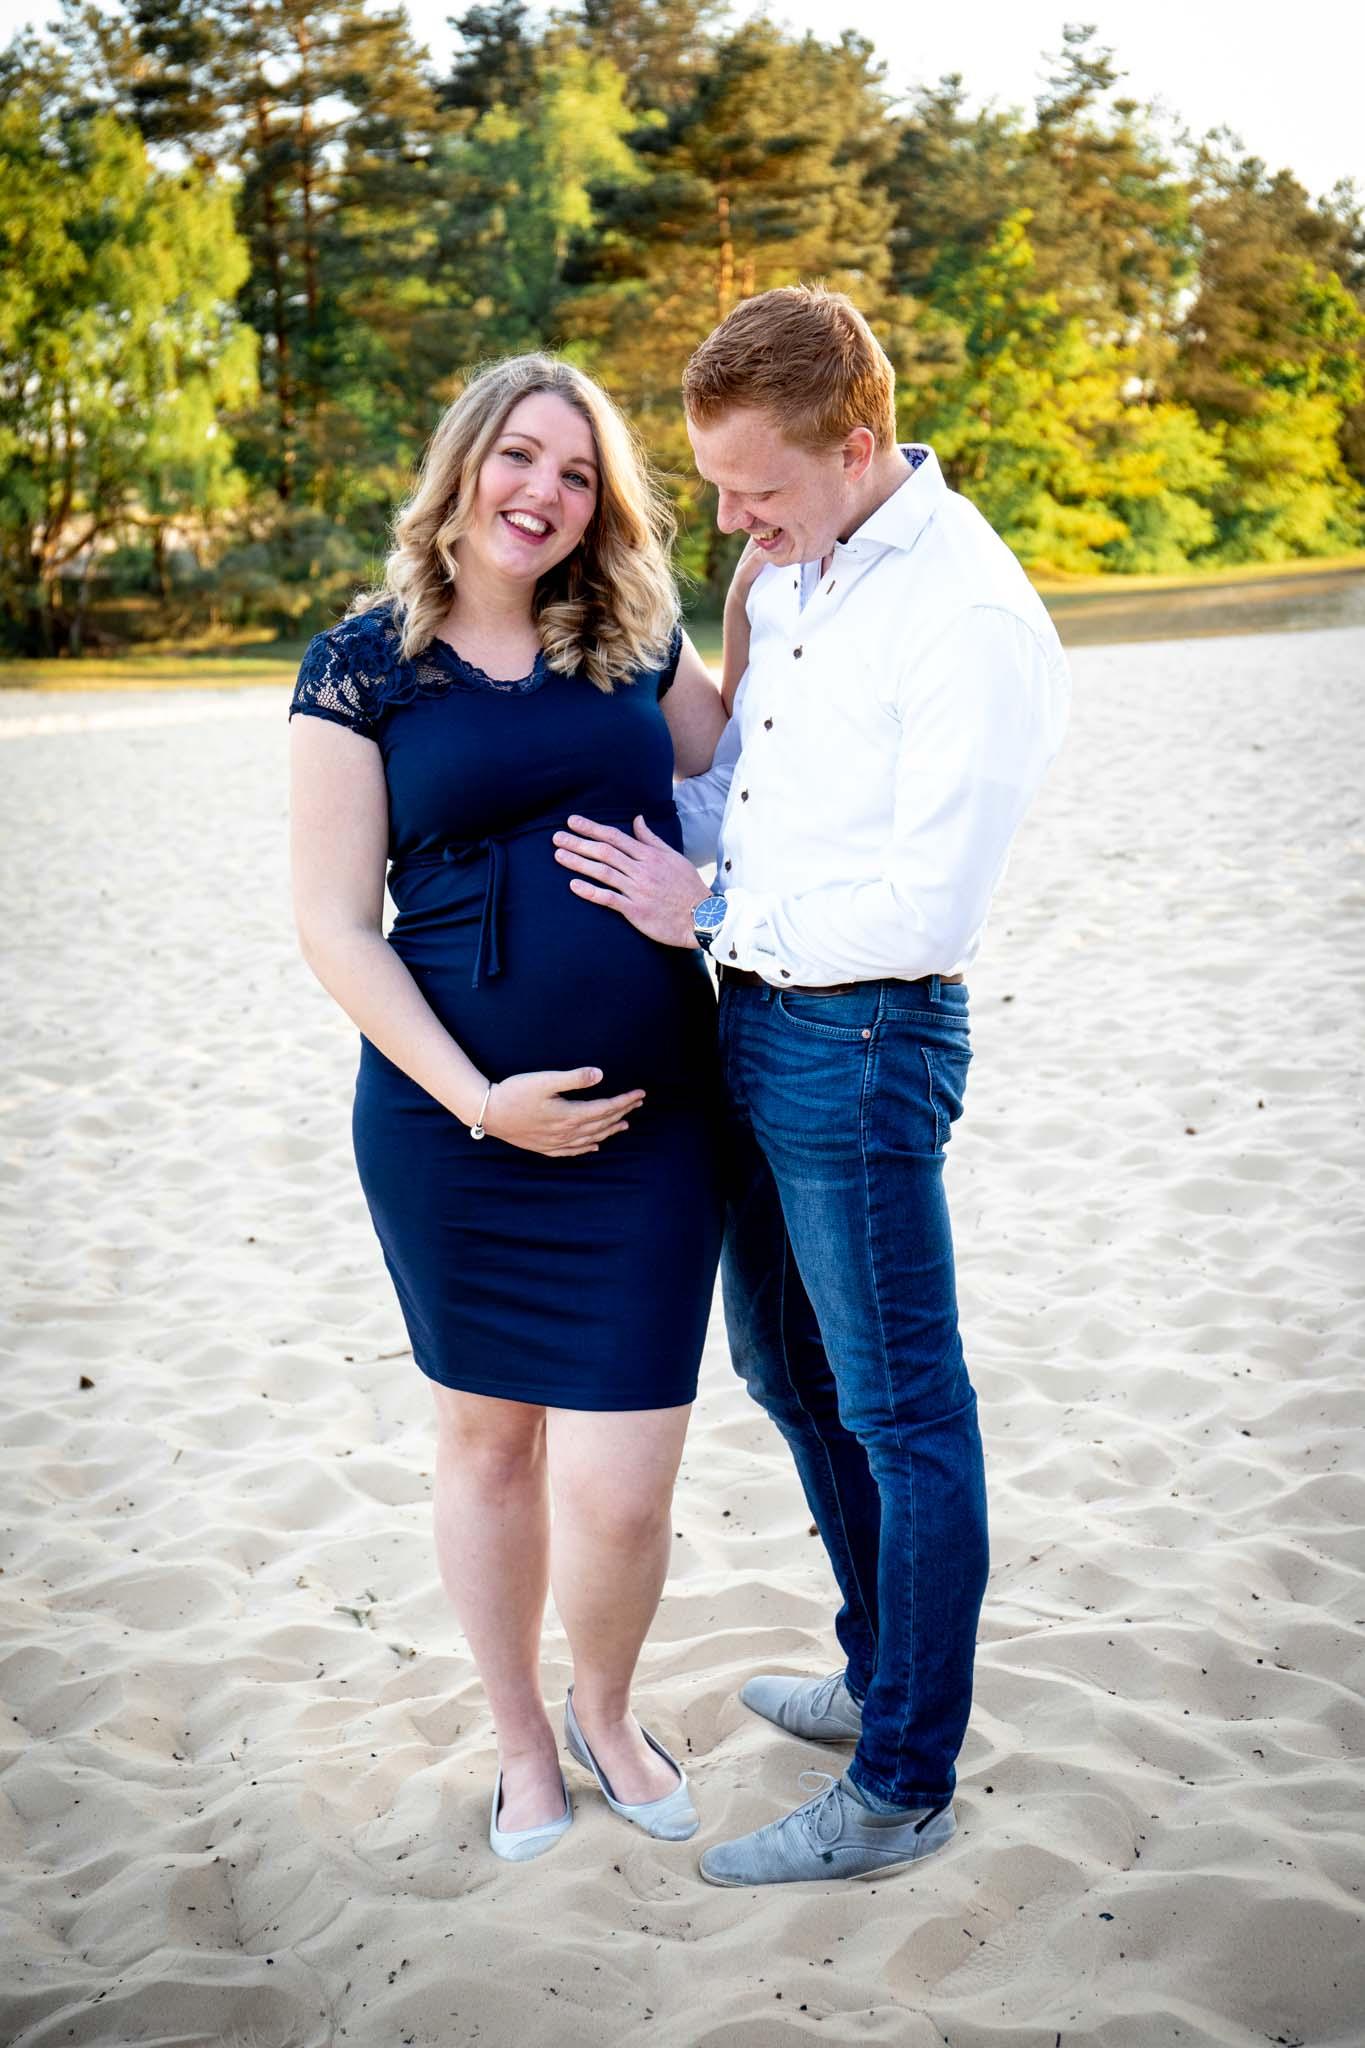 zwangerschapsshoot, zwanger, pregnantshoot, fotoshoot, storytime media, zandverstuiving doornspijk